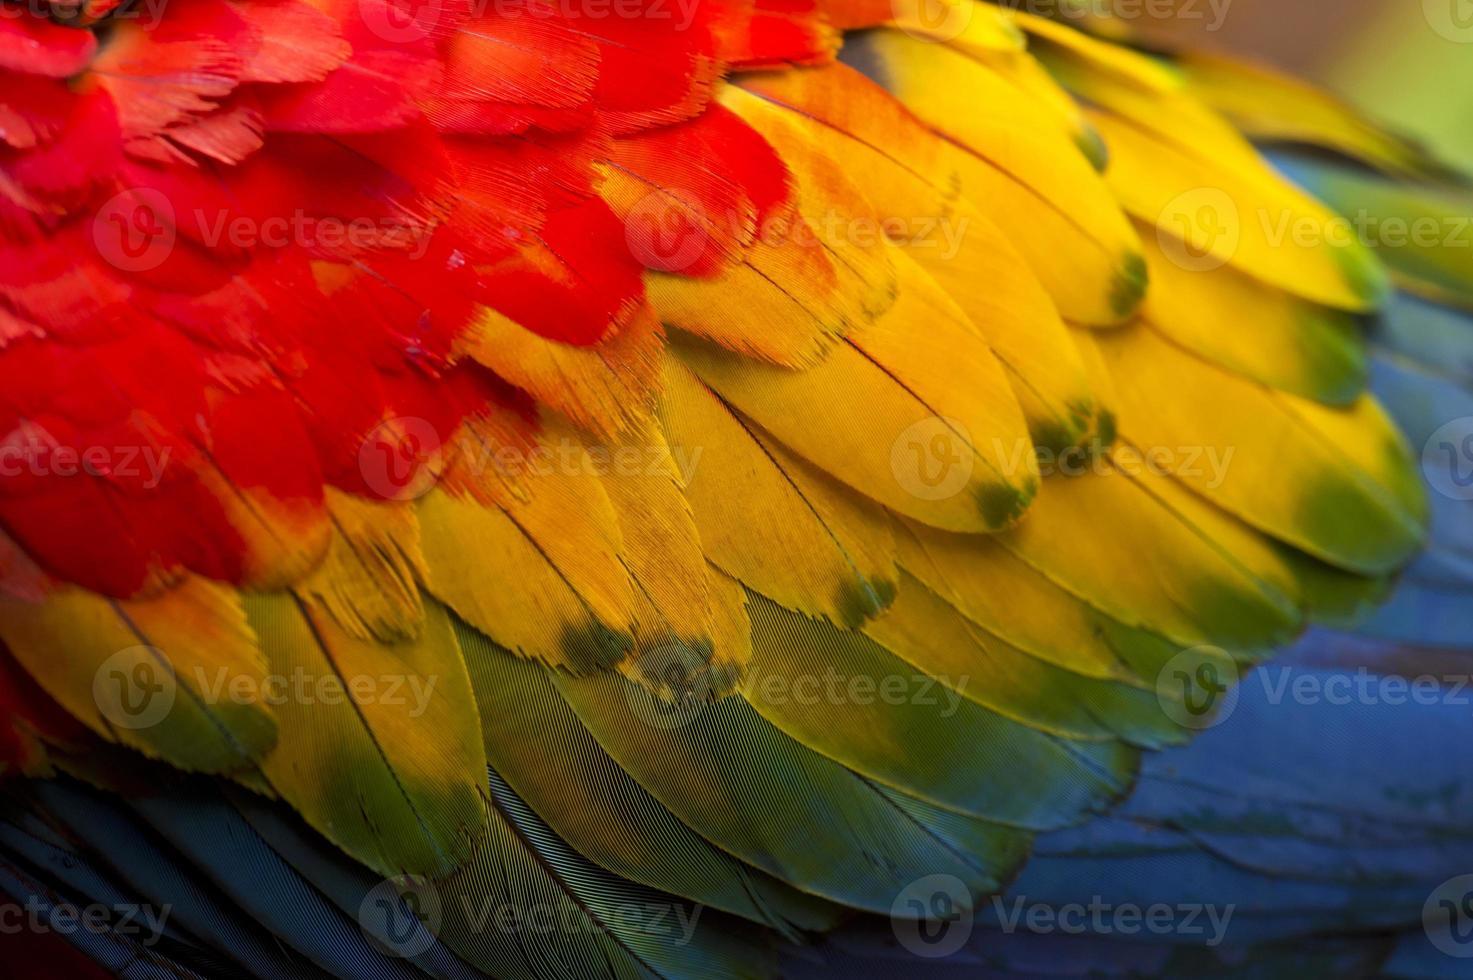 penas coloridas de uma arara escarlate foto